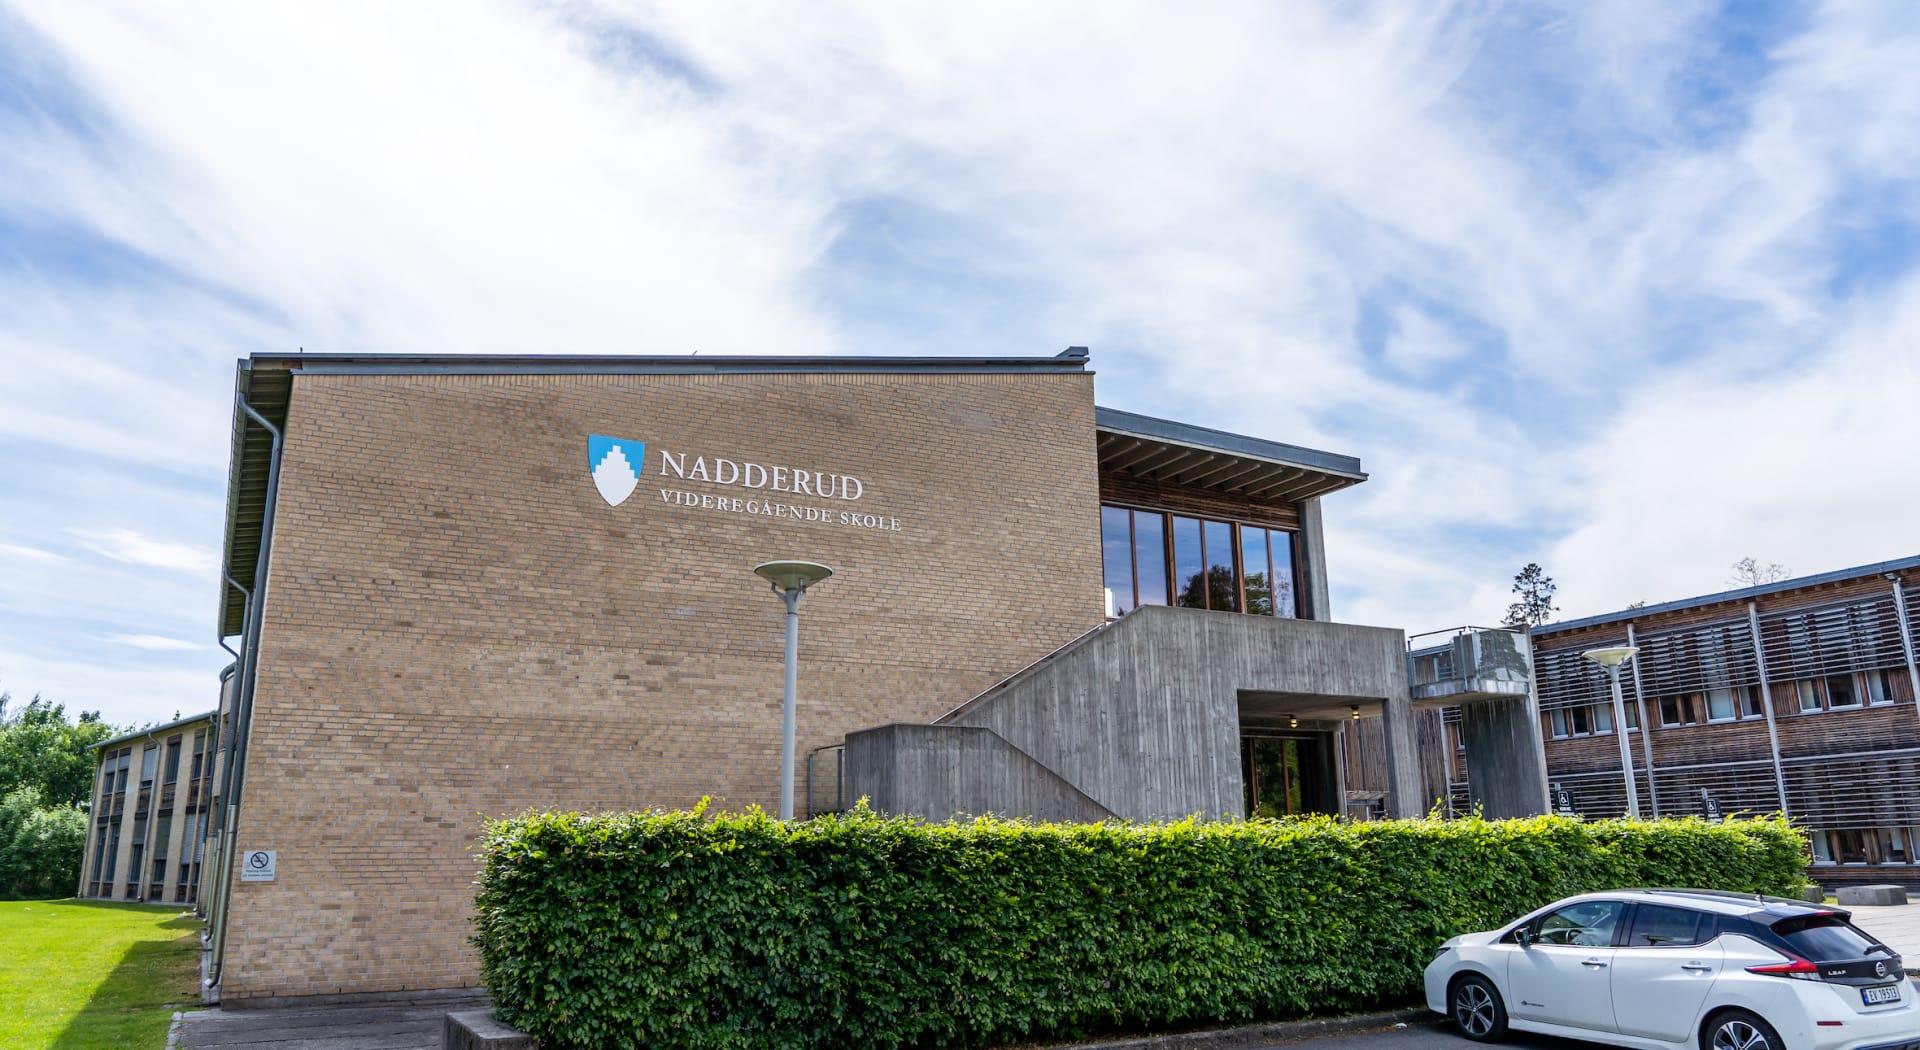 Bekkestua har et rikt og variert tilbud av barnehager og skoler i alle trinn. Blant andre Oslo International School, Nadderud vgs., og Ringstabekk skole.